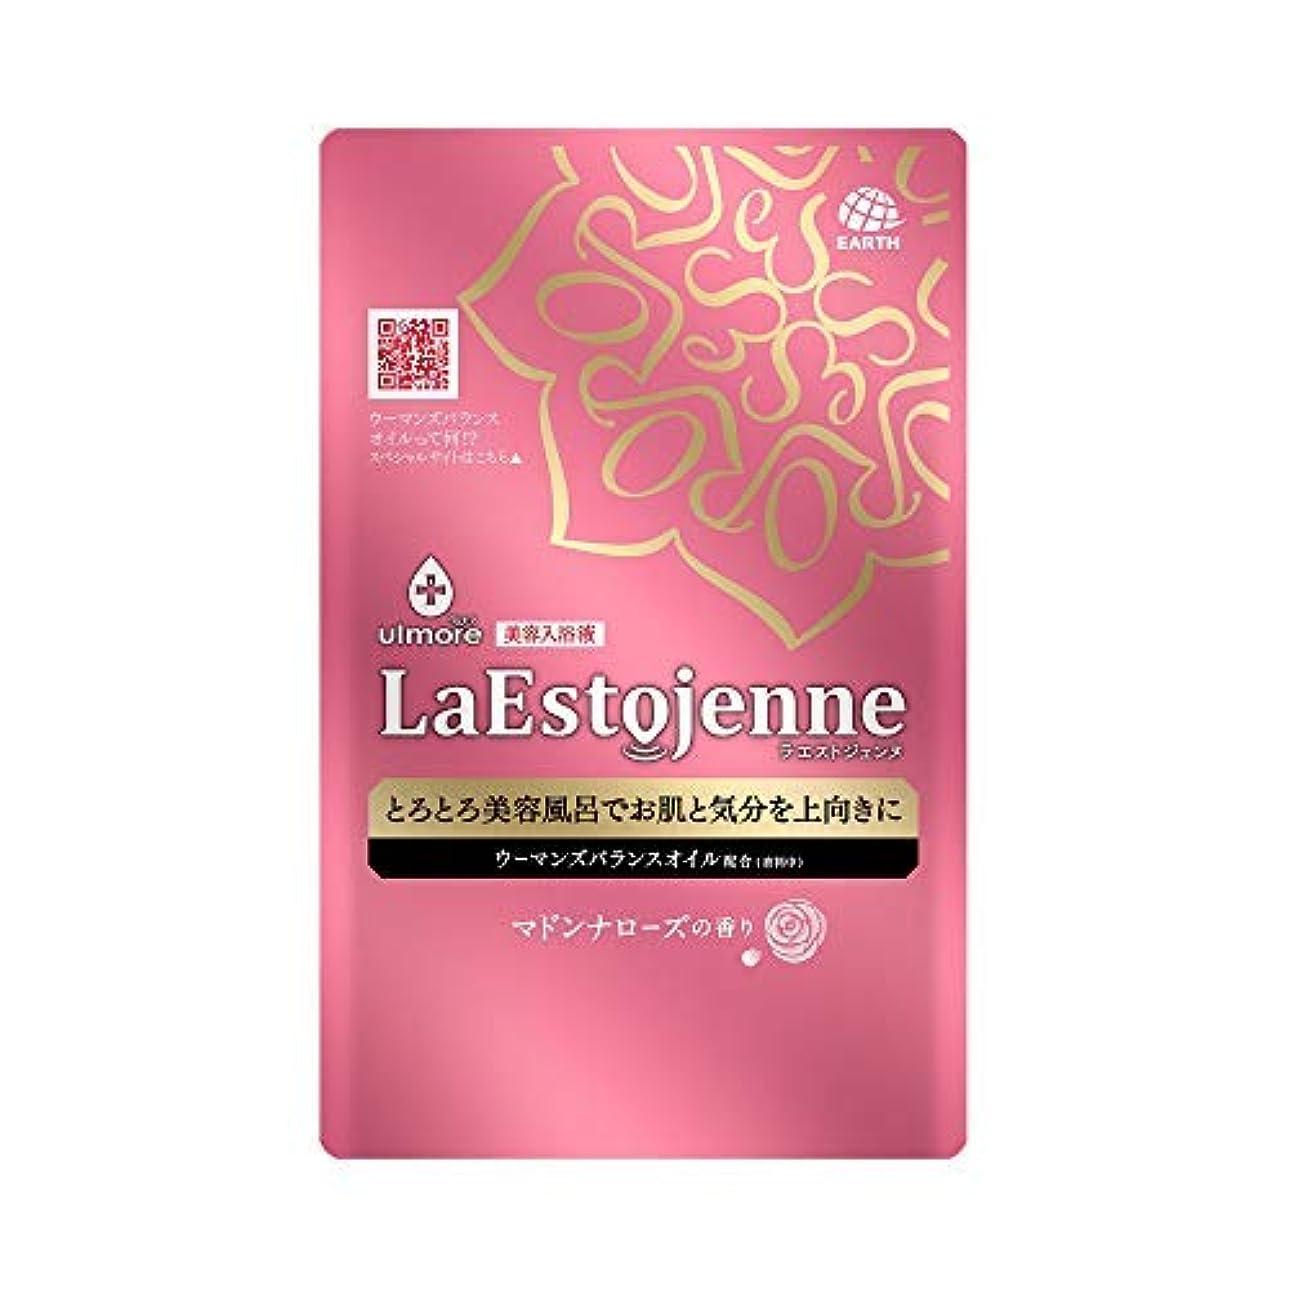 最大メルボルンインセンティブウルモア ラエストジェンヌ マドンナローズの香り 1包 × 4個セット